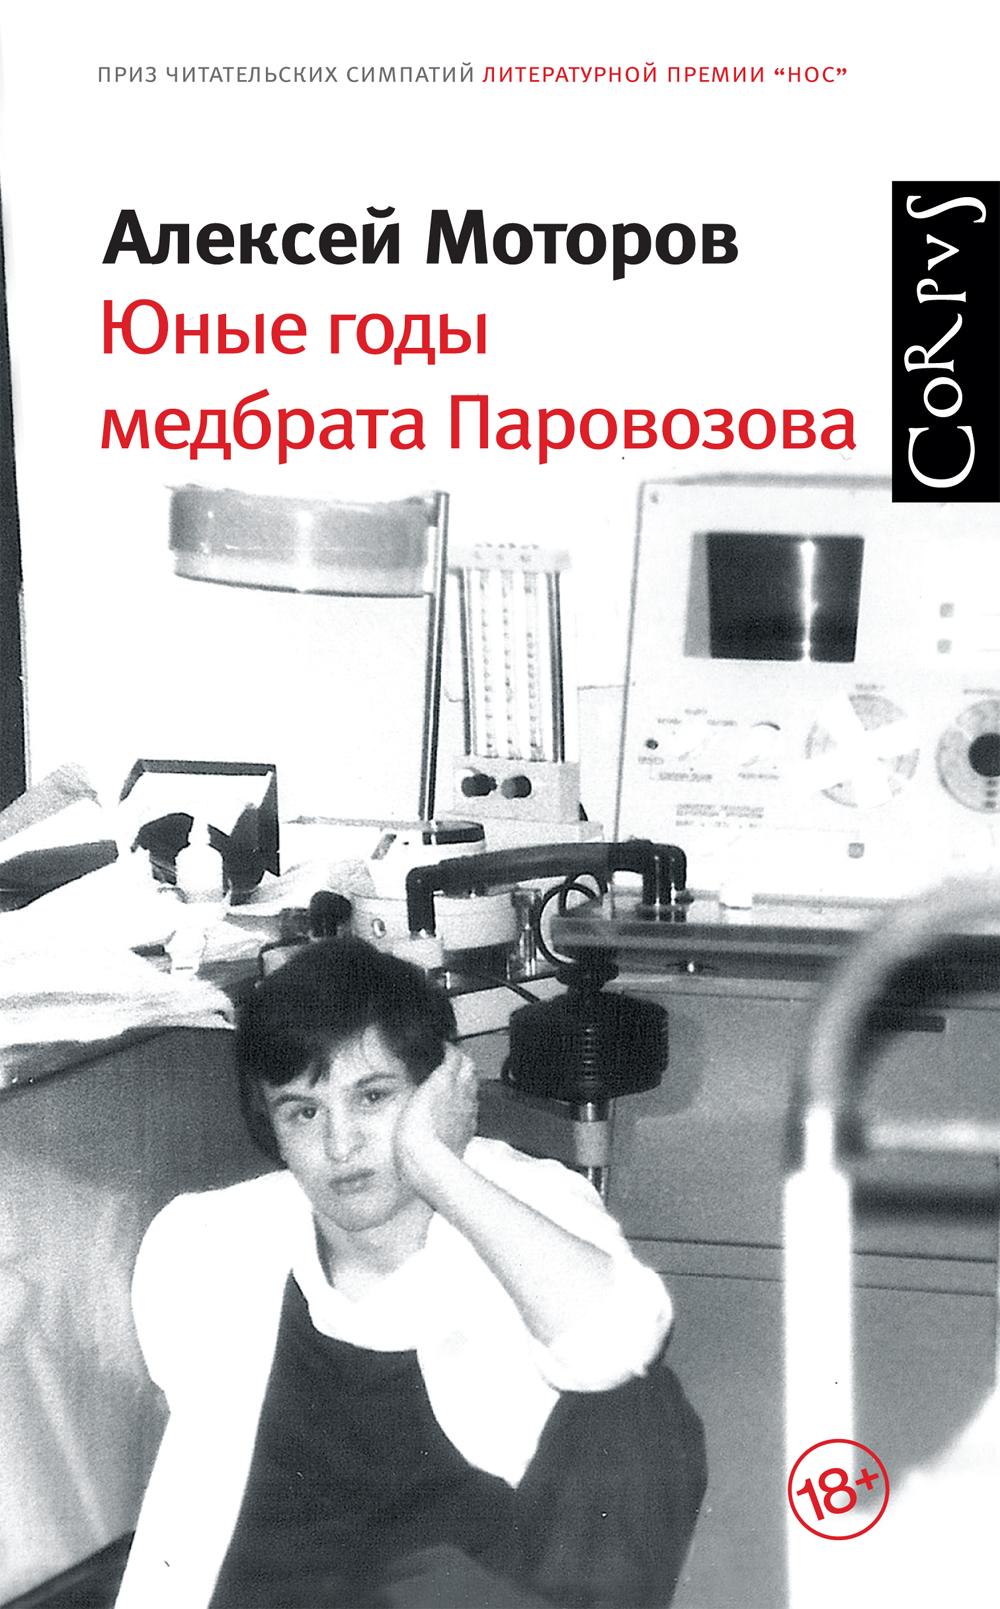 Алексей Моторов. Юные годы медбрата Паровозова